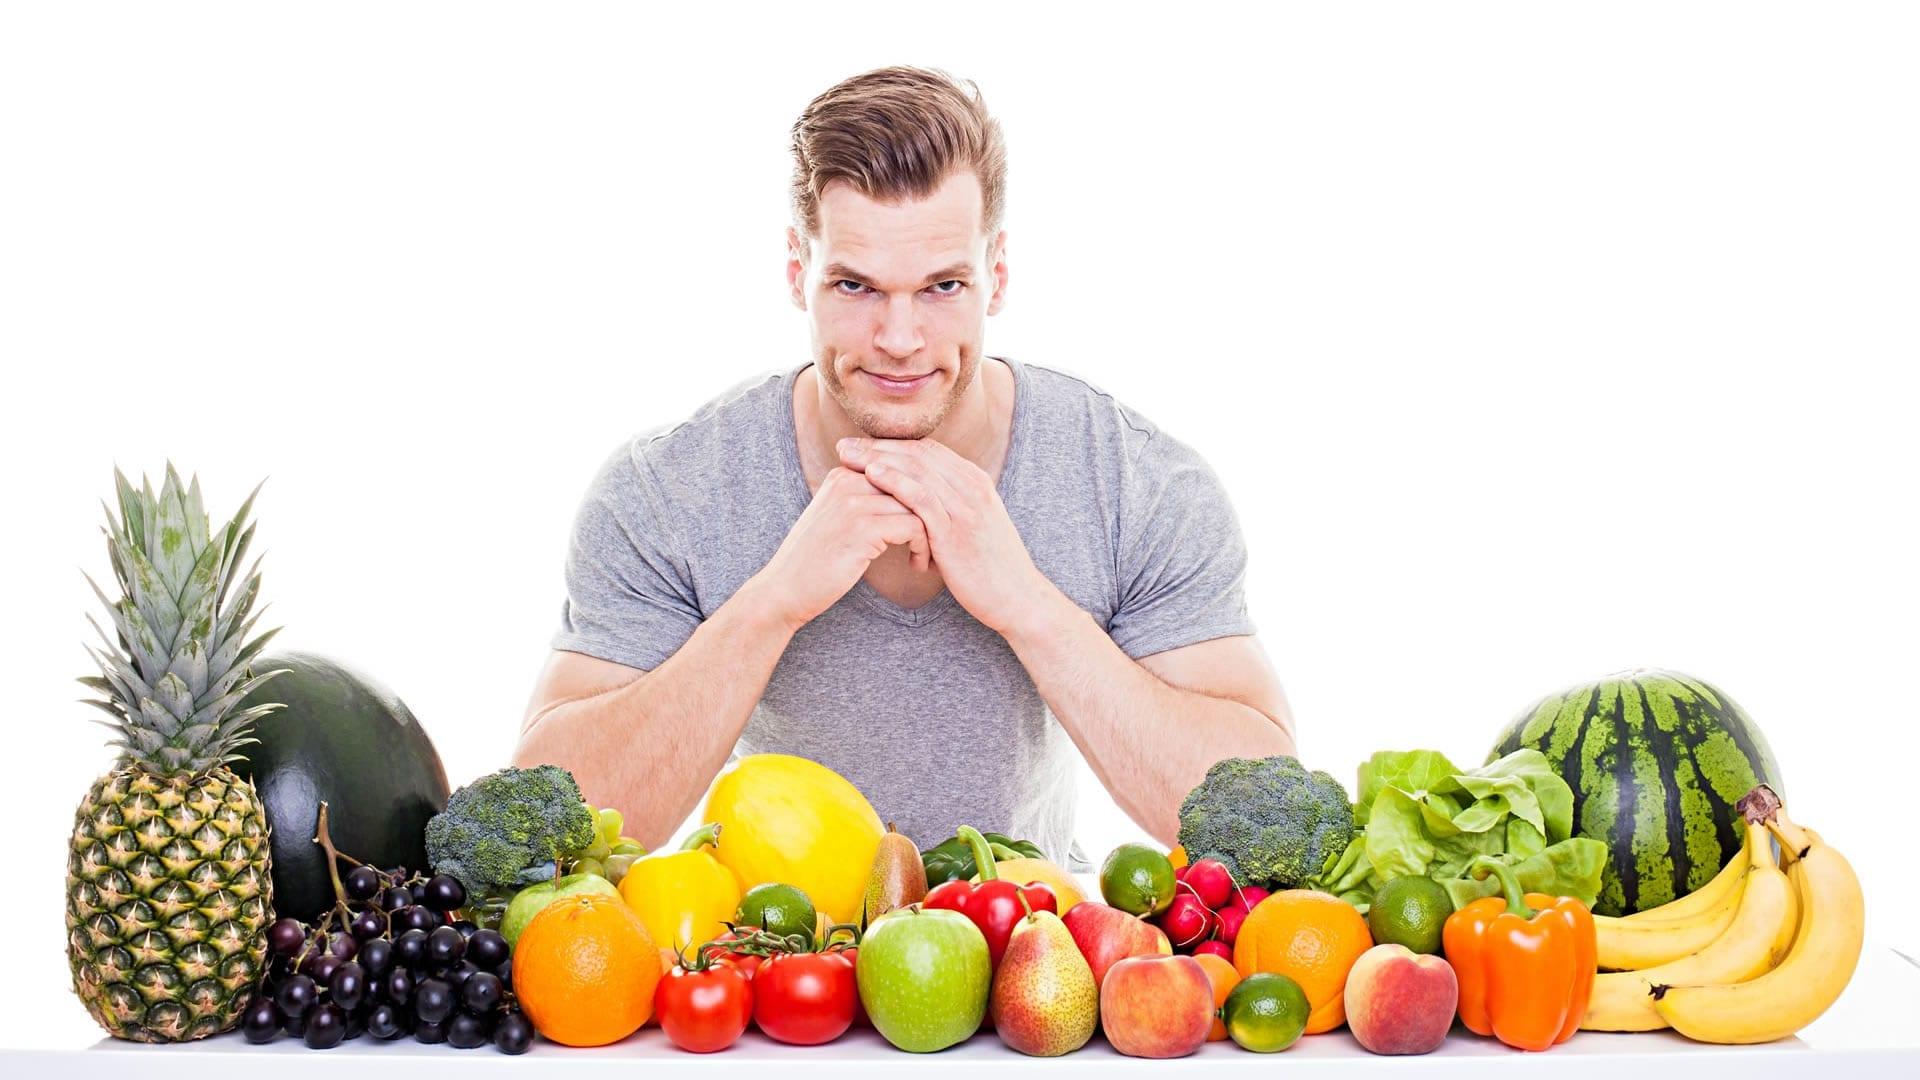 Frutas y Verduras para tu dieta culturista | Cambiatufisico